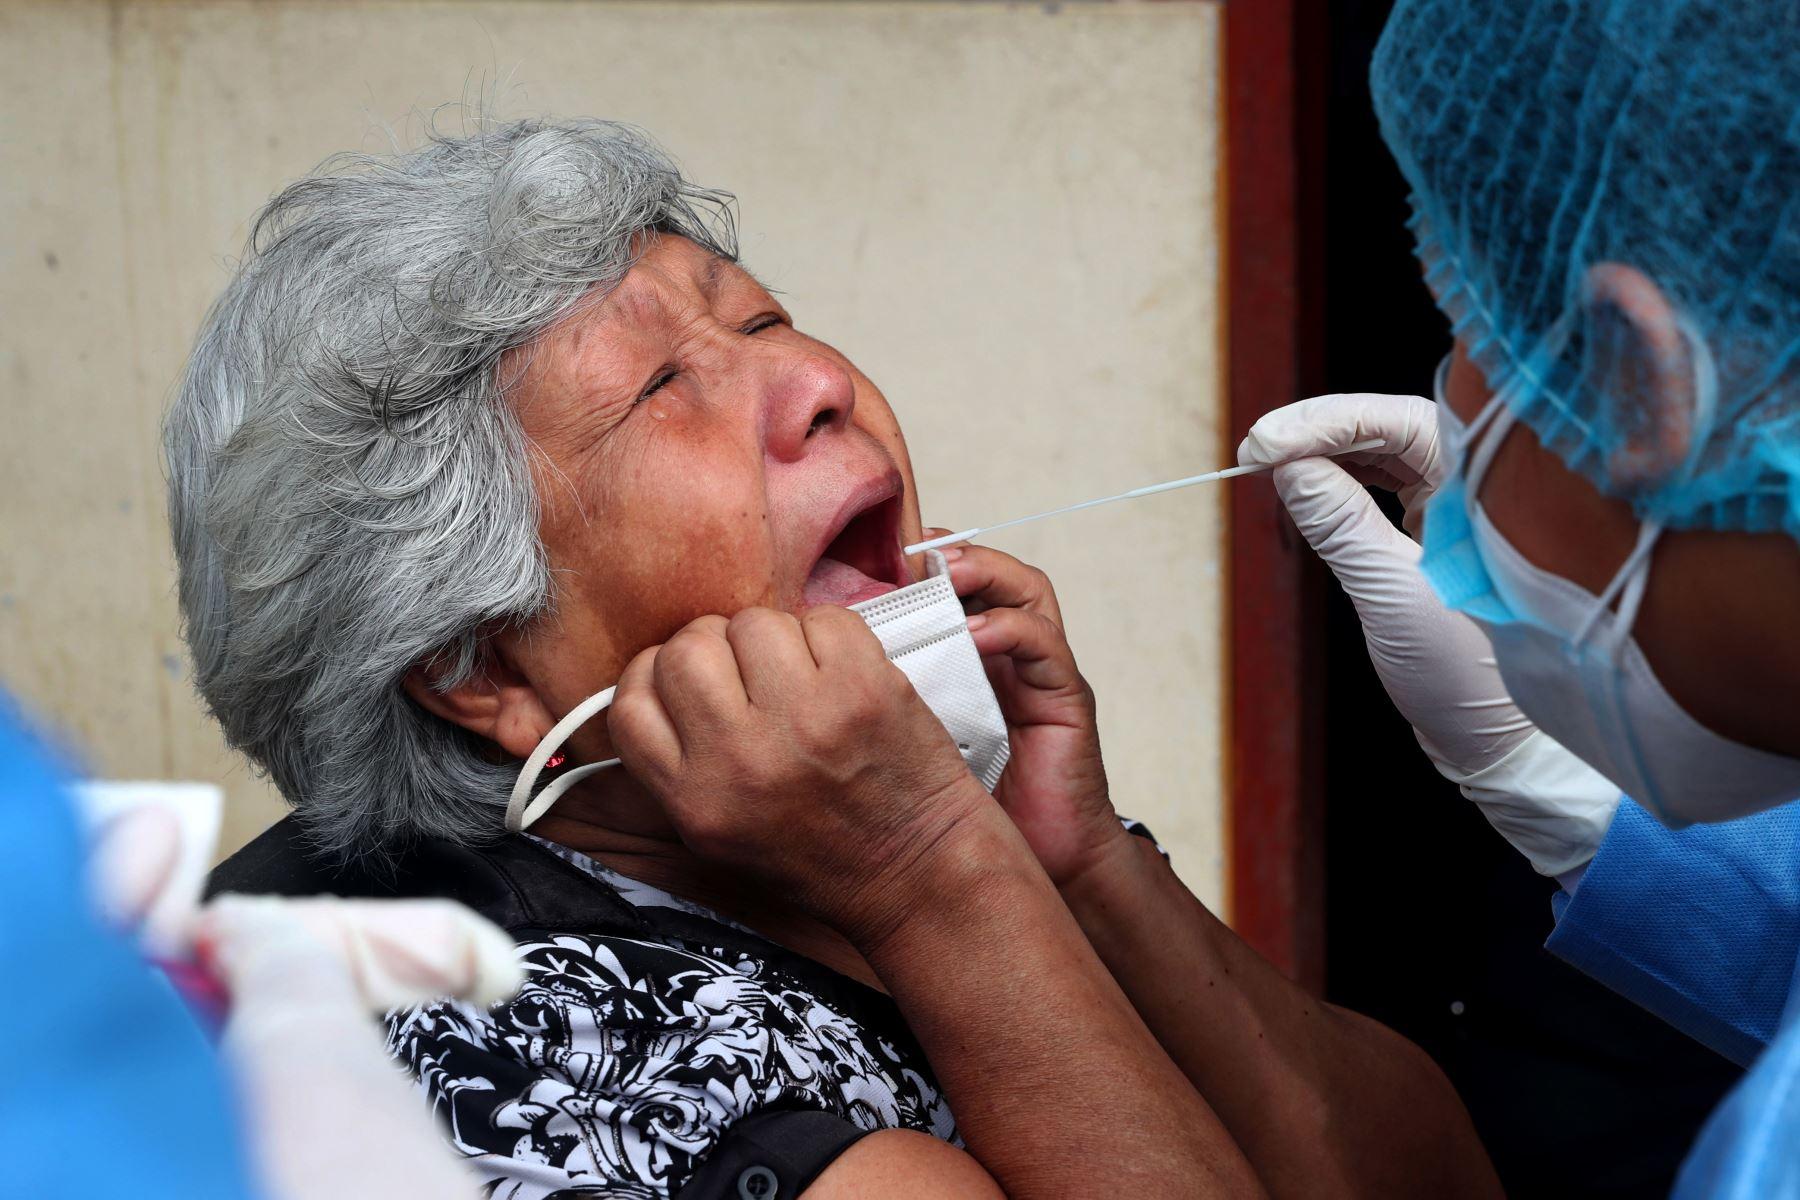 Fuerzas Armadas están desplegadas en diversos puntos del país para llevar a cabo la Operación Tayta. Atención primaria en salud para las personas más vulnerables, Esto es lo que está ocurriendo en Villa María del Triunfo. Foto:ANDINA/MindefPeru